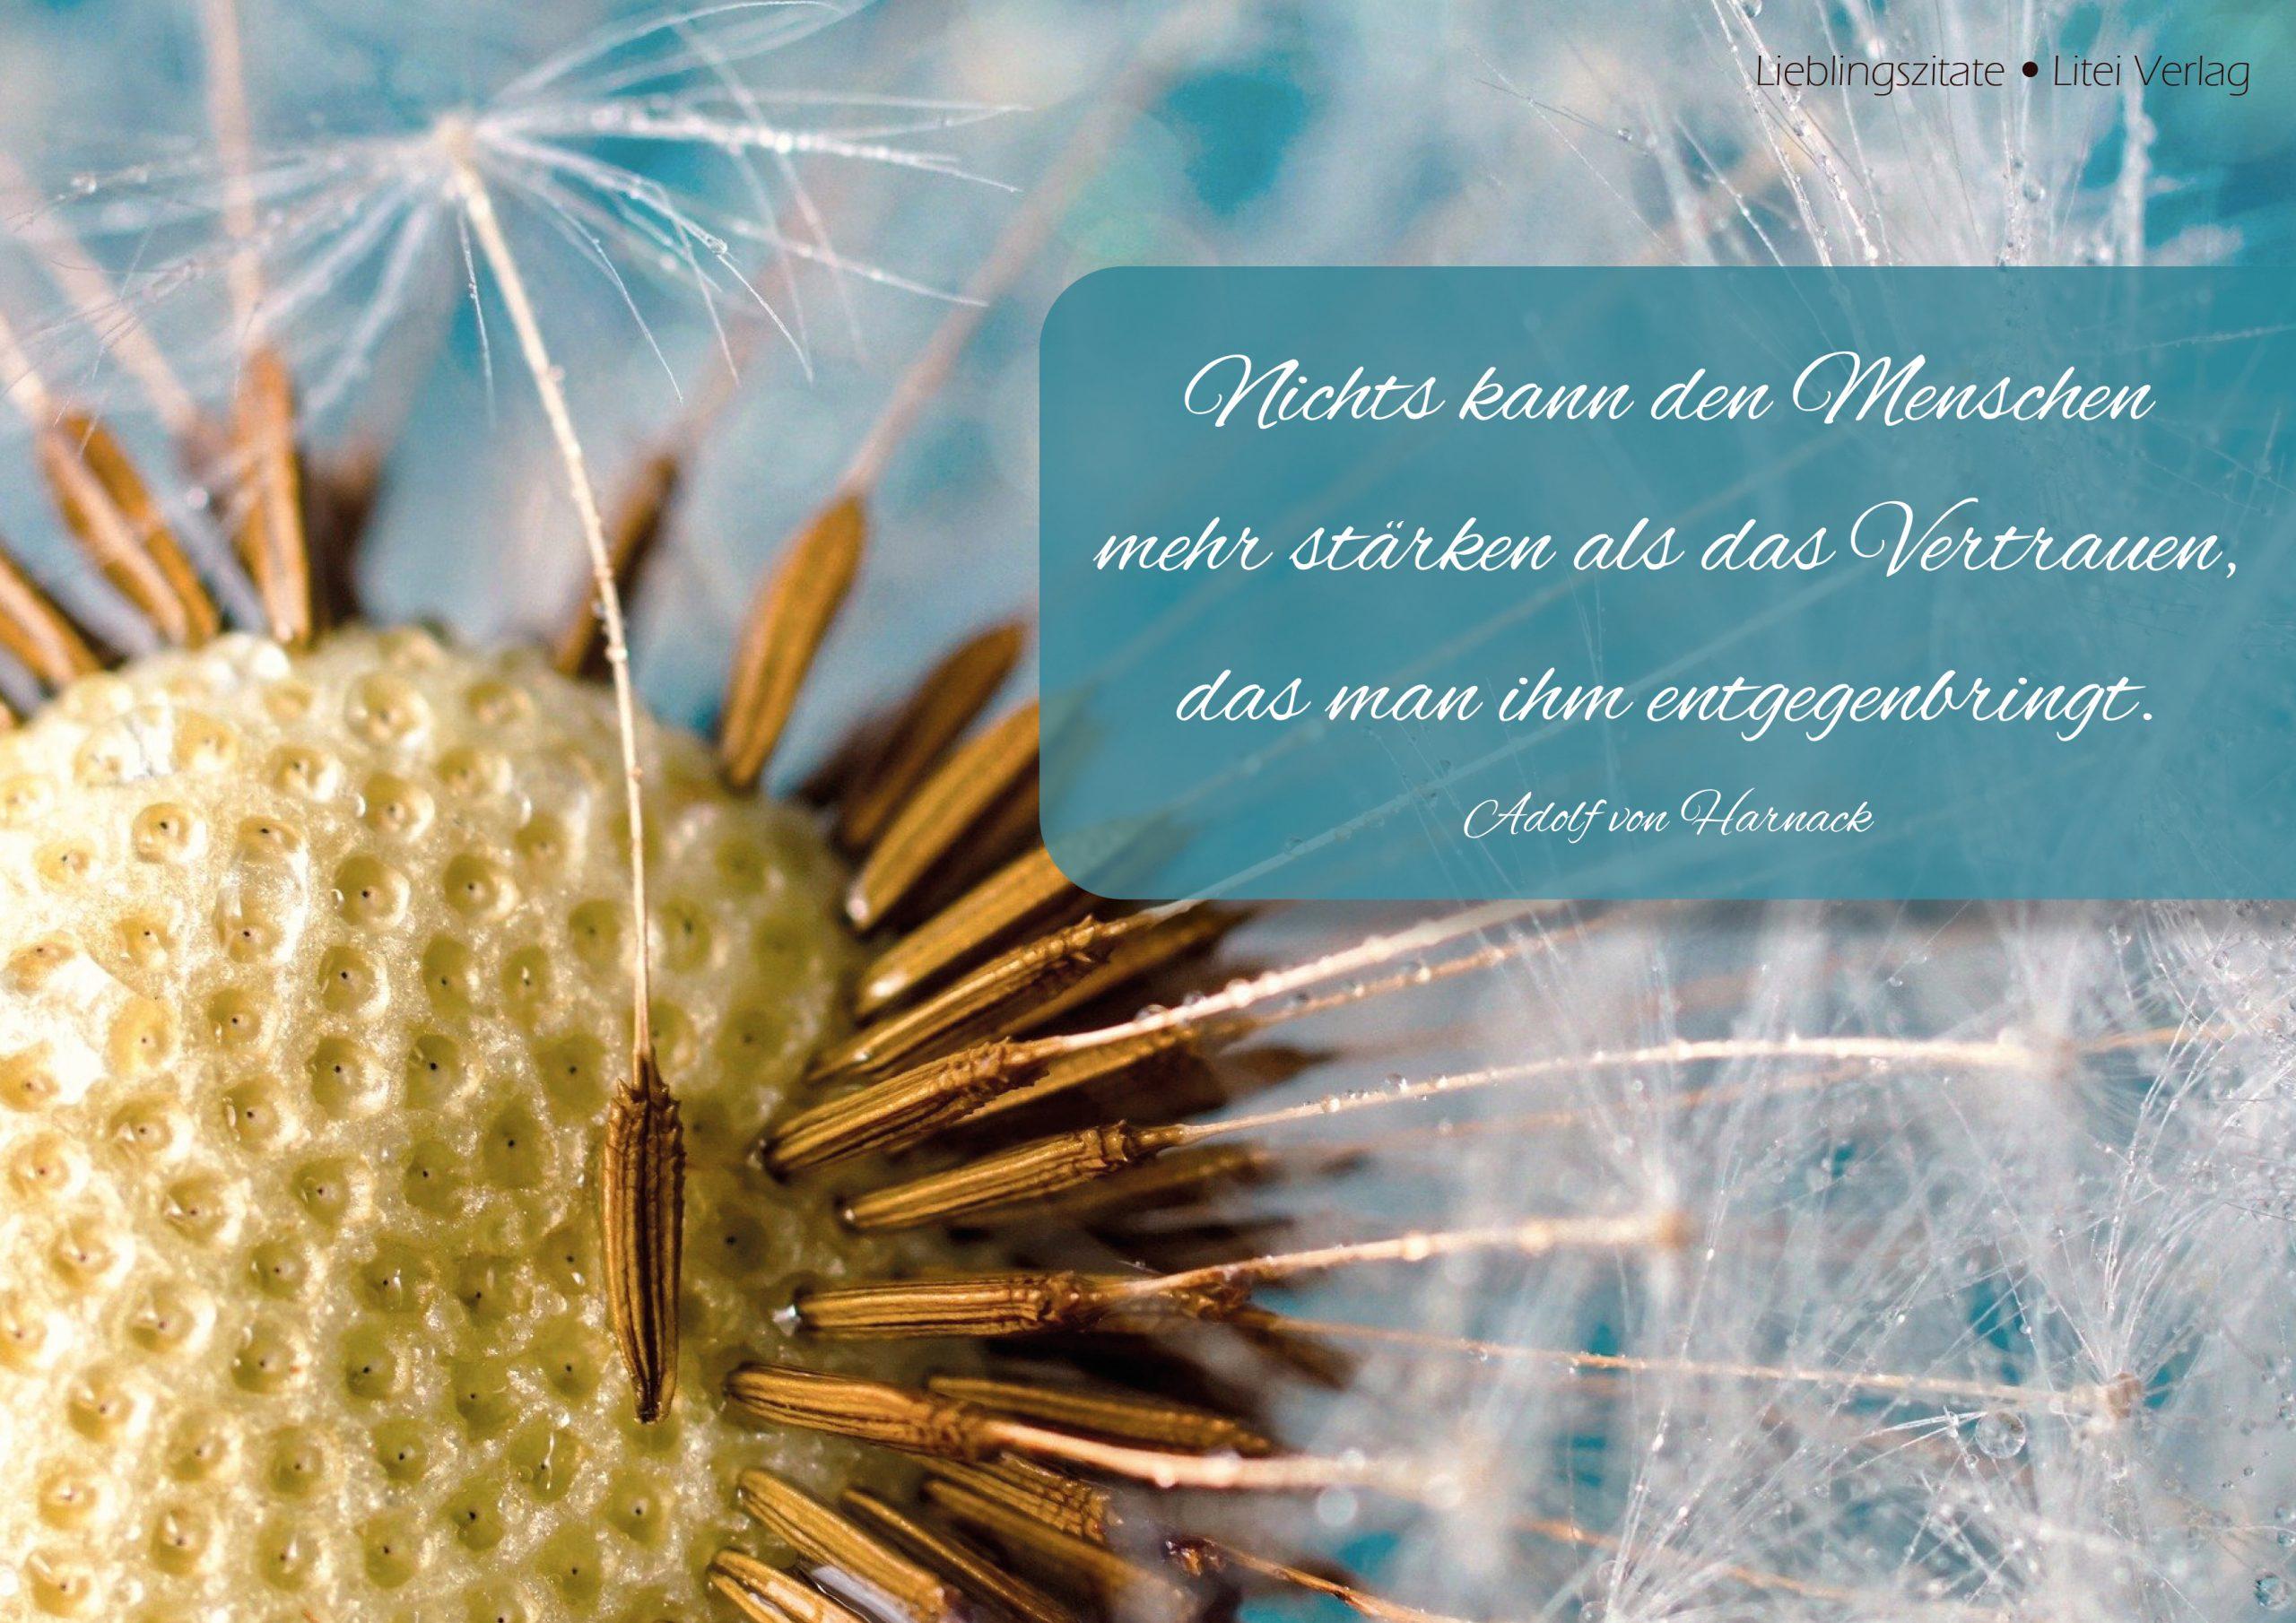 Zitat von Adolf von Harnack